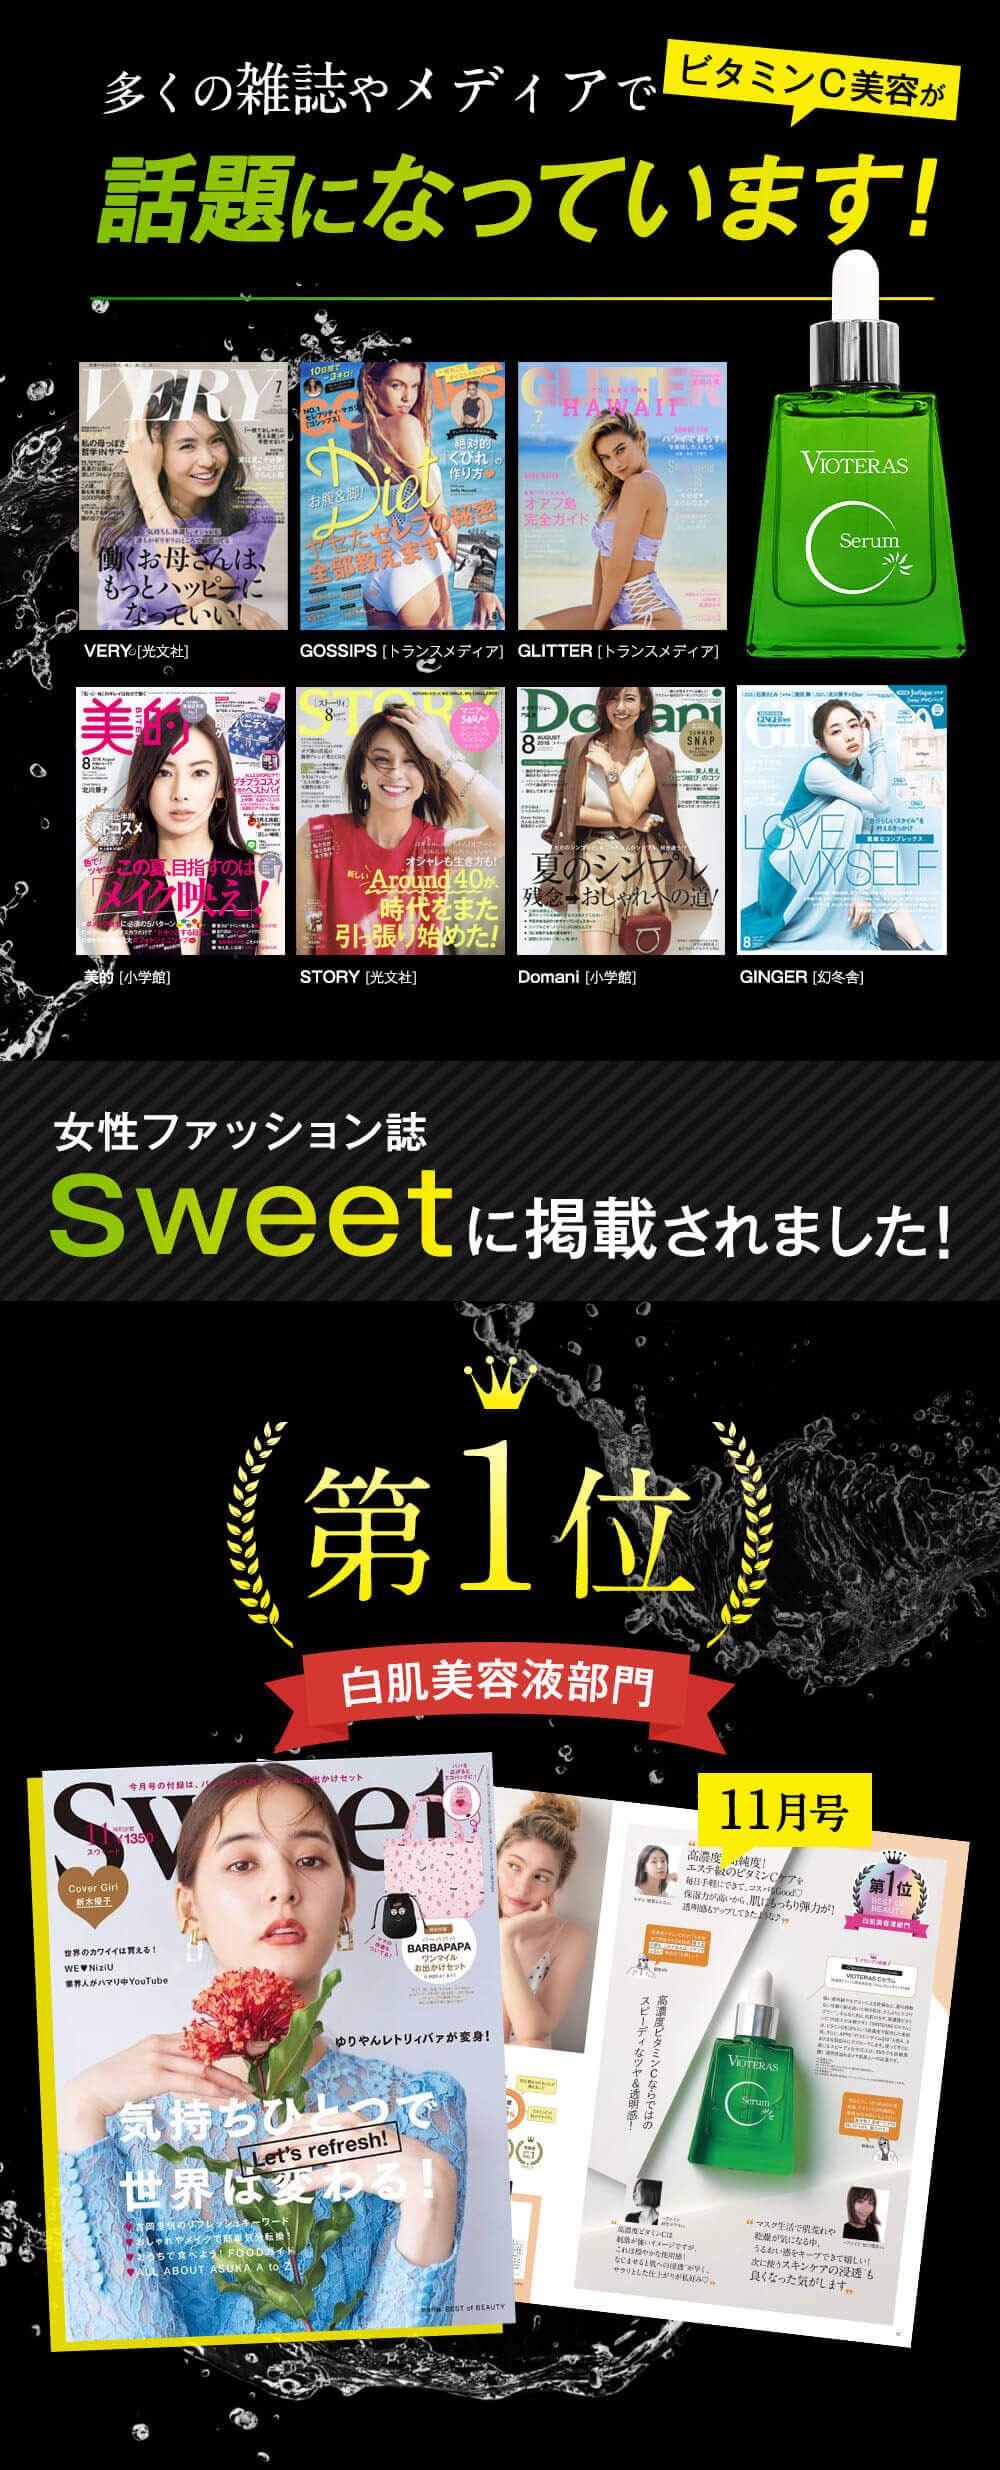 ファッション誌Sweetに掲載されました。